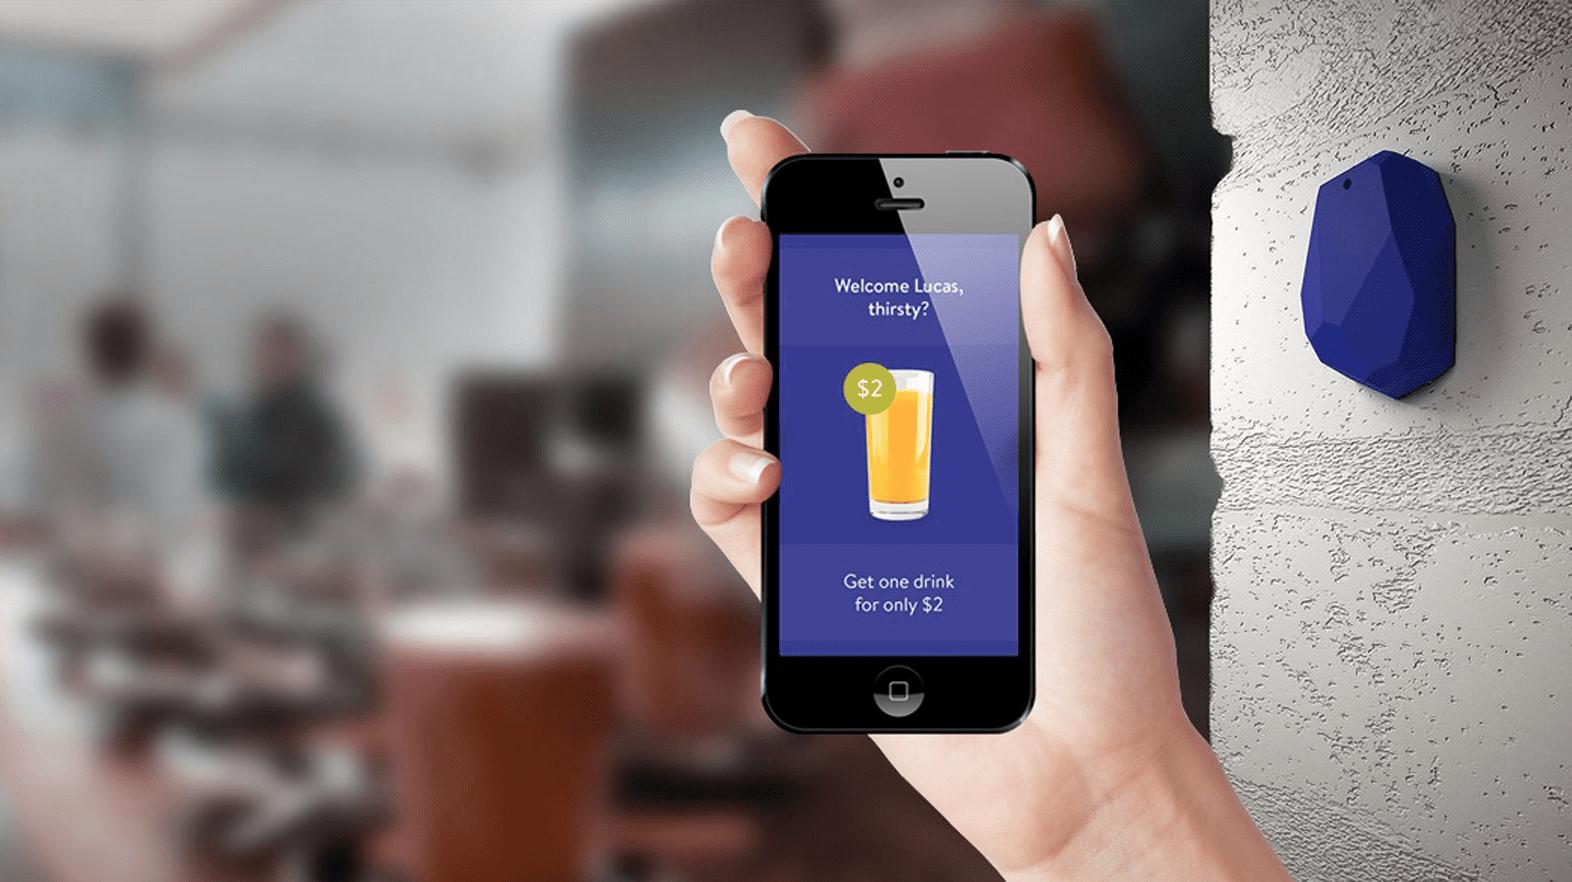 iBeacon: ecco come funziona nell'atto pratico la nuova feature di iOS 7, che supera l'NFC [Video]